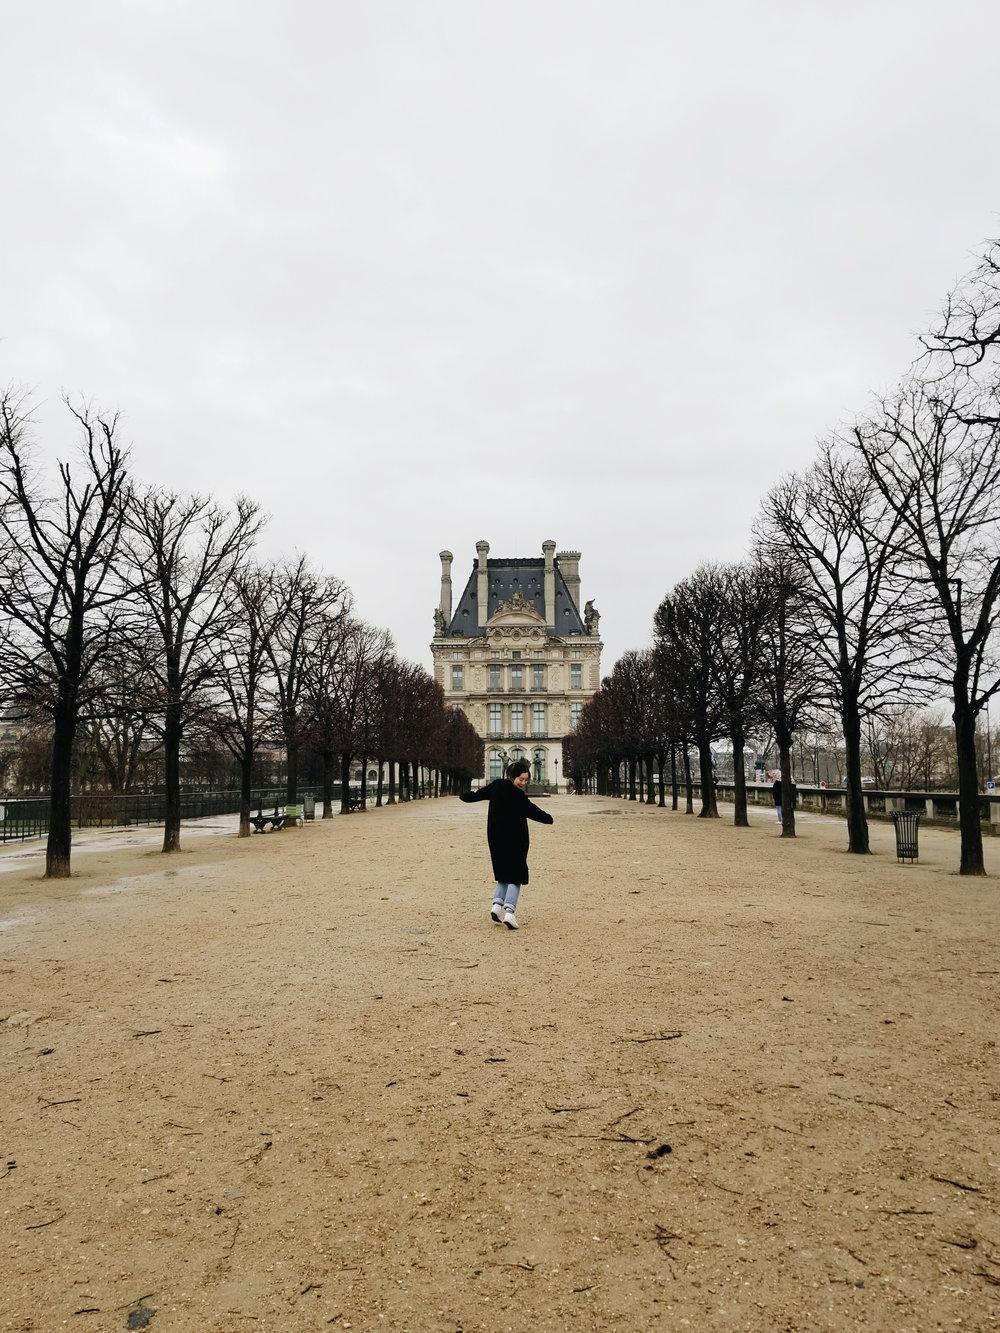 postcards-from-paris-palais-de-royal-jardin-des-tuileries.jpg